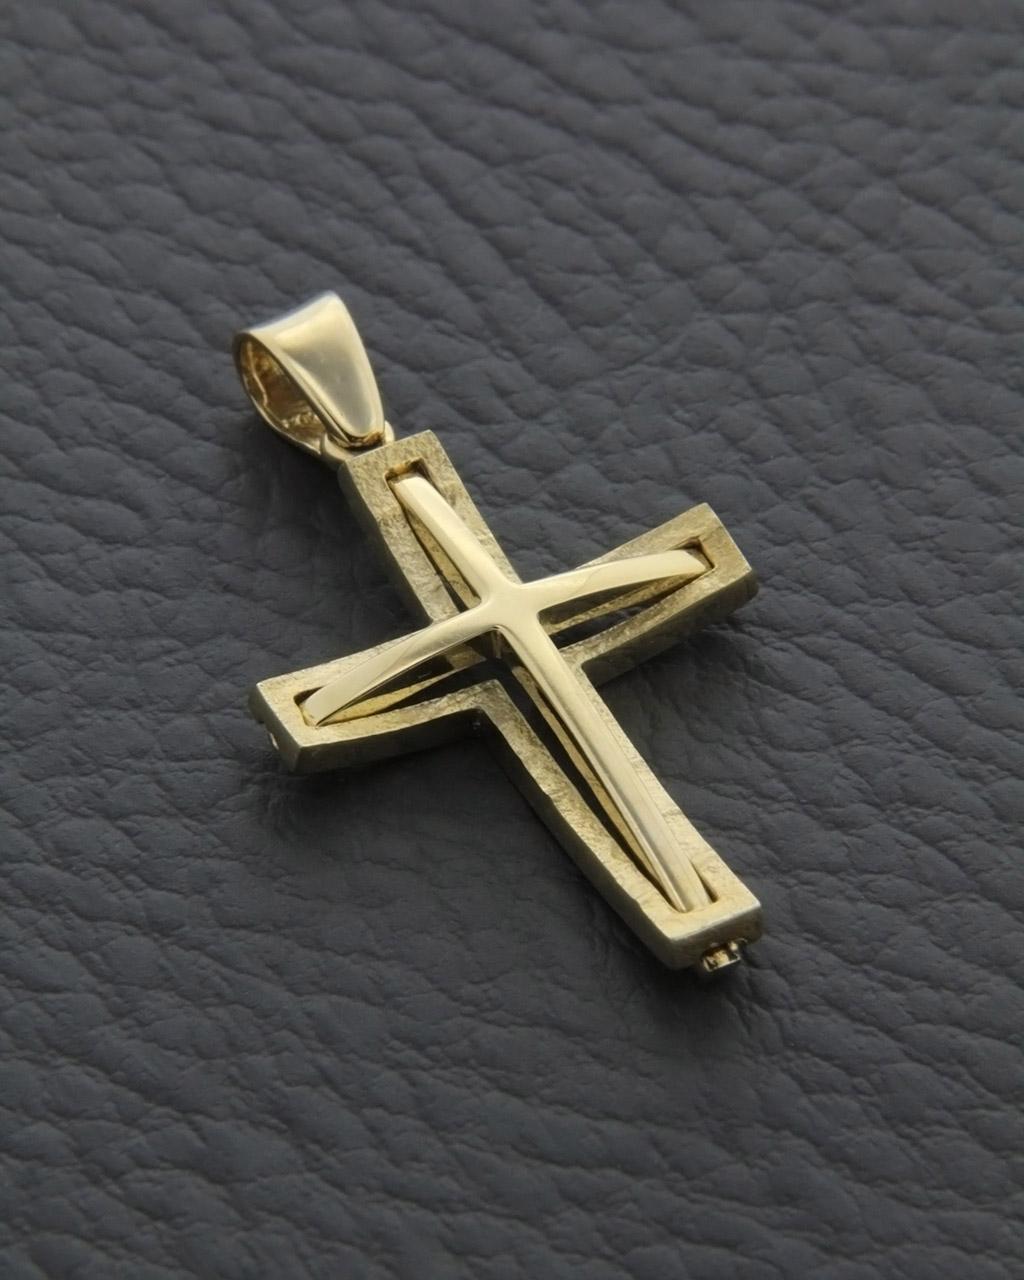 Σταυρός χρυσός Κ14 δύο όψεων   ανδρασ σταυροί ανδρικοί